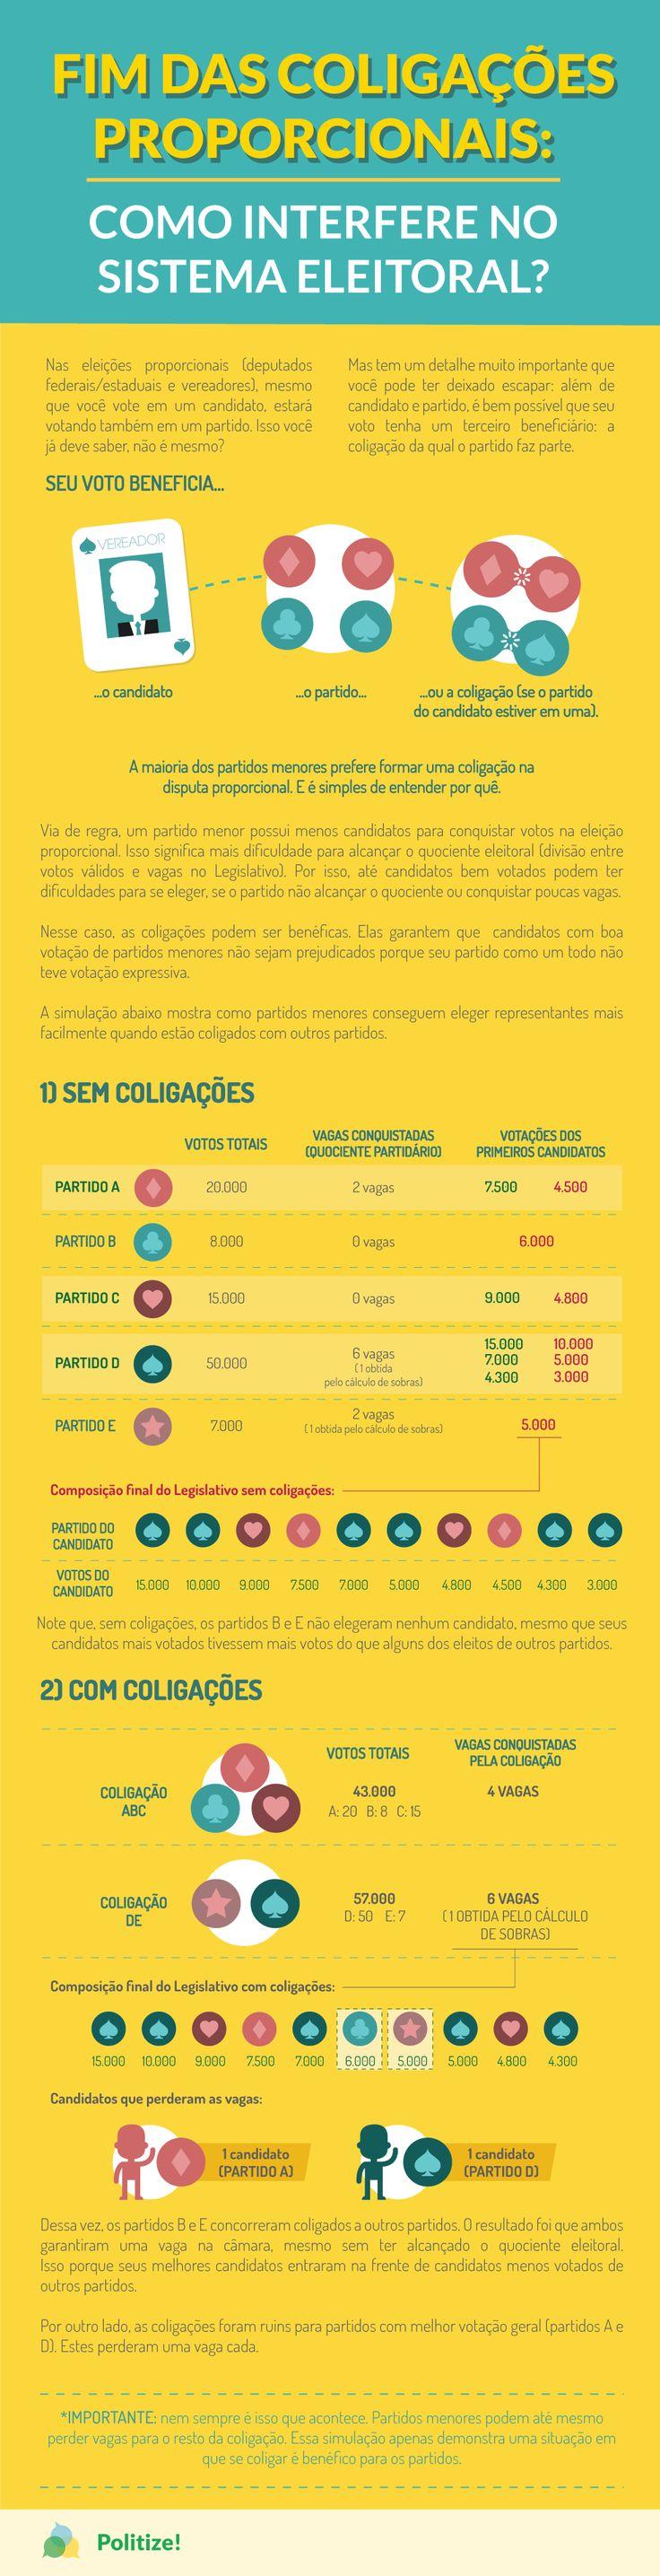 Mudanças nas regras eleitorais têm se tornado frequentes no Brasil. Em 2015, tivemos uma minirreforma cuja principal determinação foi proibir doações empresariais às campanhas.  Logo após o primeiro teste desta nova legislação – que foram as eleições municipais de 2016 -, novas regras já estão sendo encaminhadas. Saiba mais